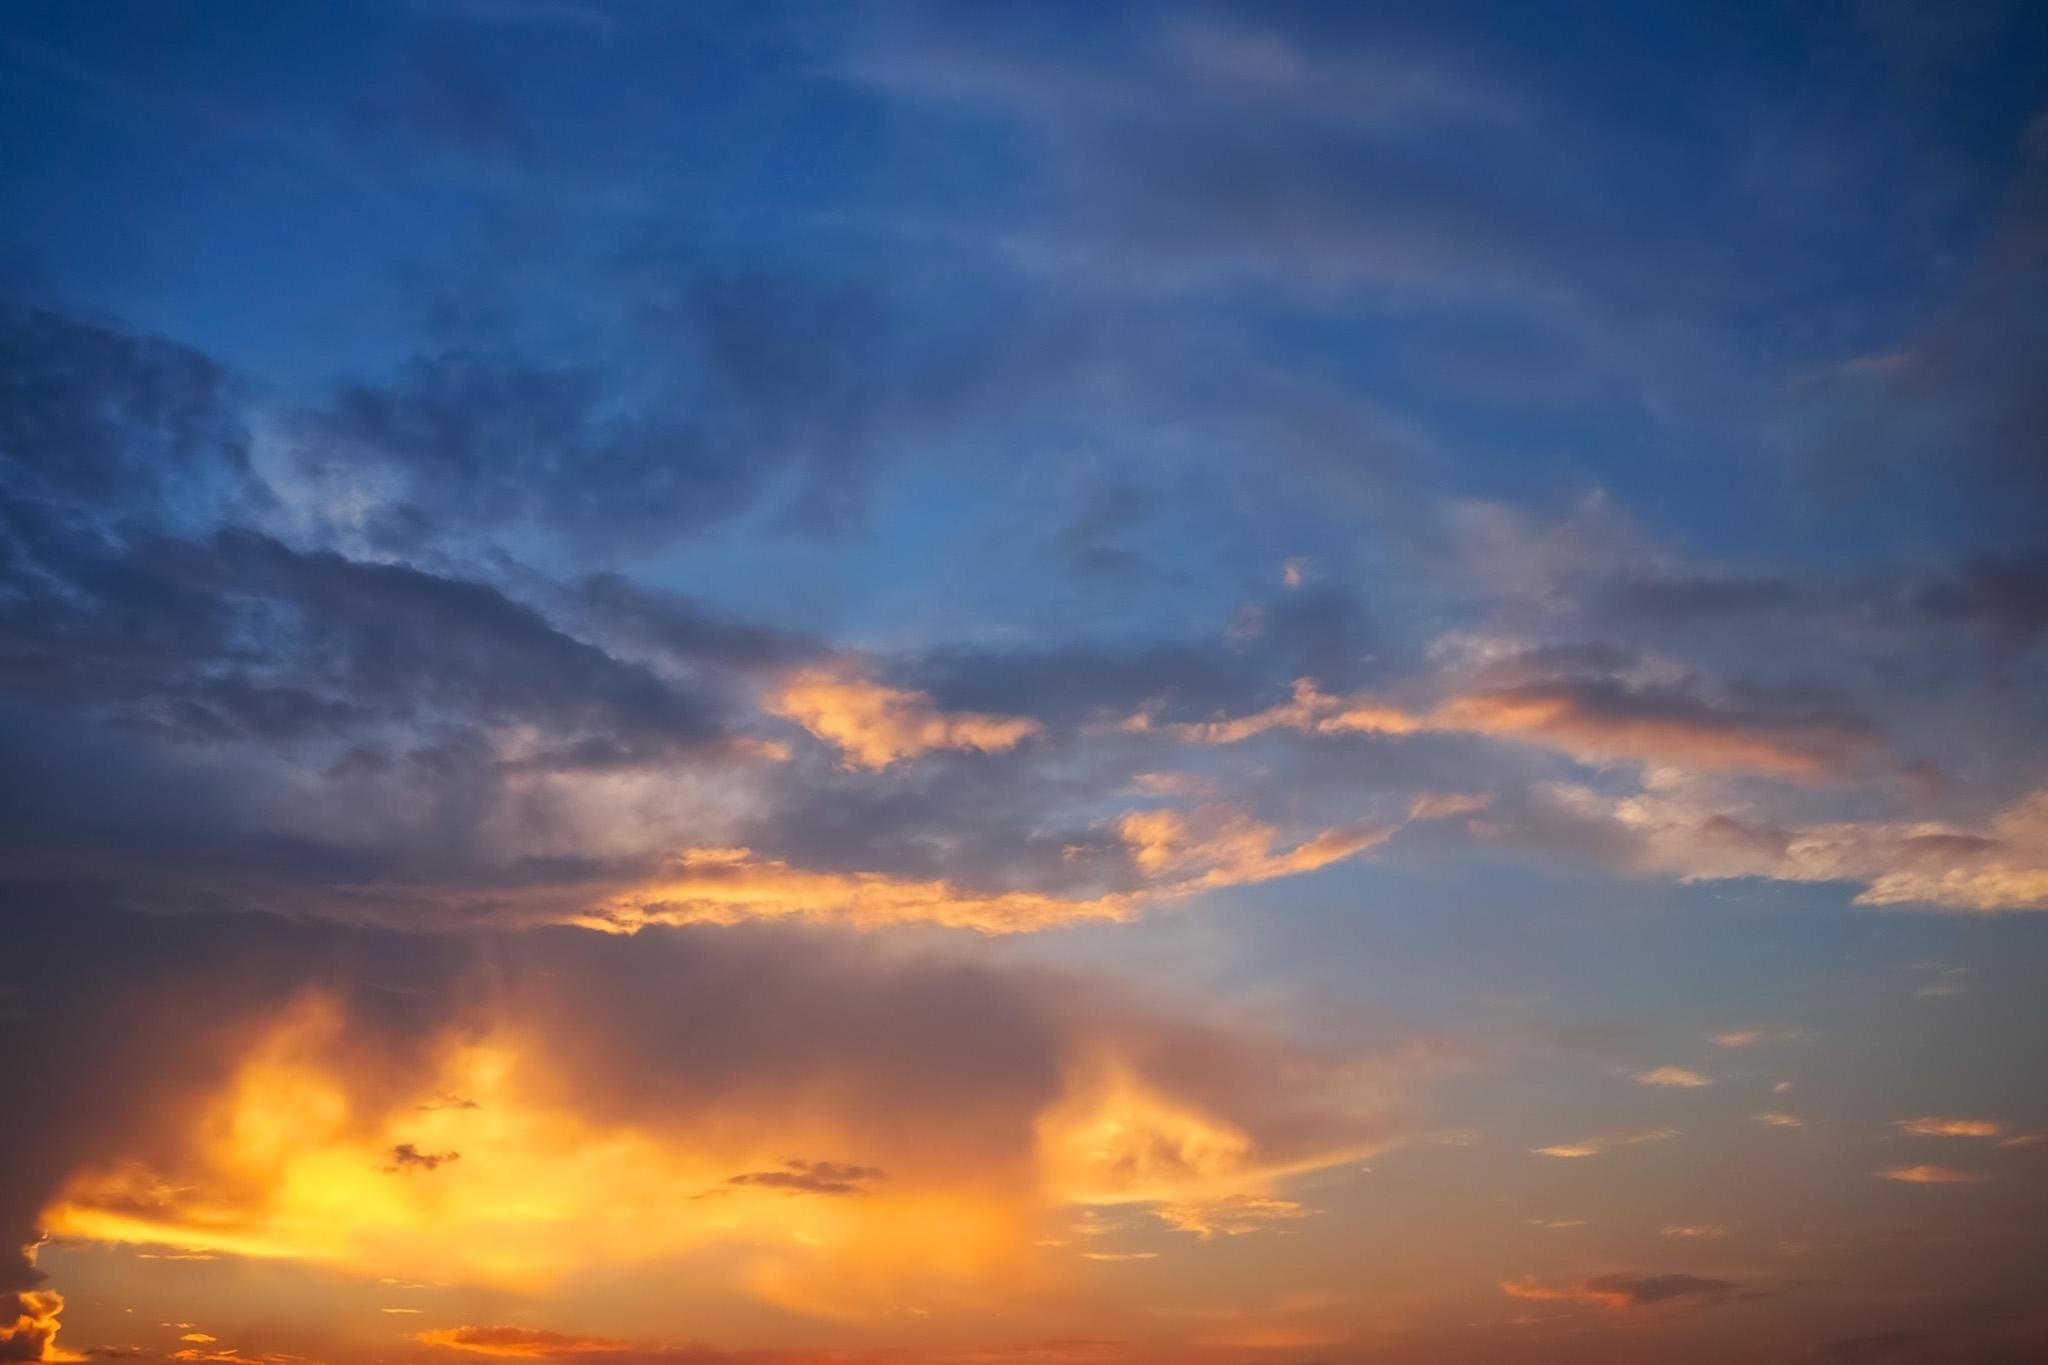 「尊厳なる金色雲が輝く夕焼け」の素材を無料ダウンロード